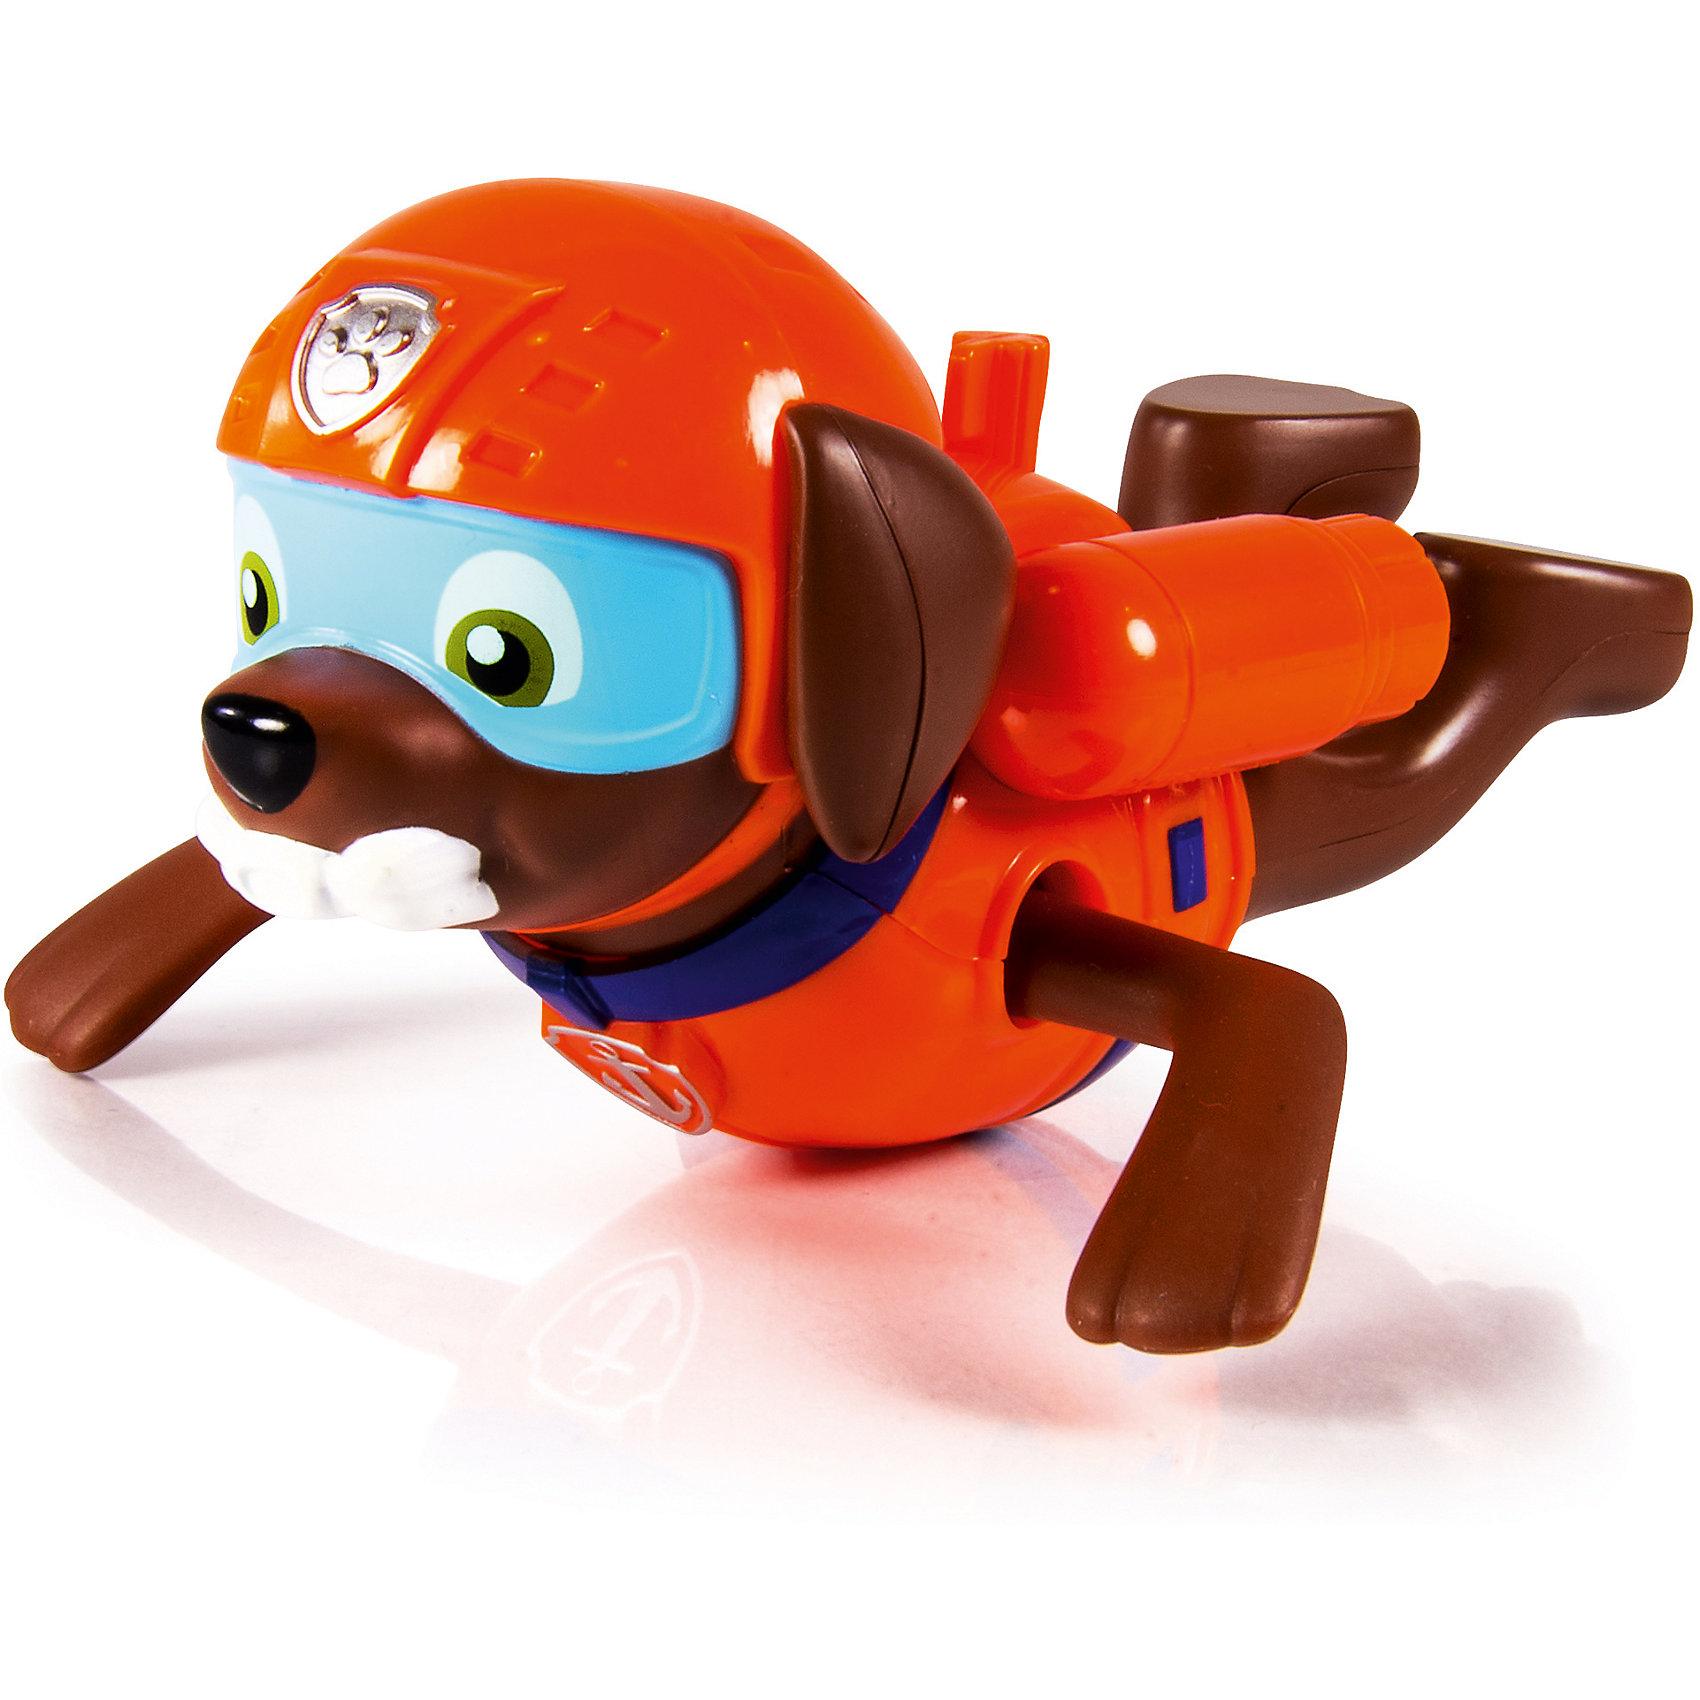 Игрушка для ванной заводная Зума, Щенячий патруль, Spin MasterИгровые наборы<br>Характеристики:<br><br>• особенности игрушки: заводная;<br>• материал: пластик;<br>• размер фигурки: 13 см;<br>• размер упаковки: 13х6х8 см;<br>• вес: 190 г.<br><br>Заводная игрушка для купания – персонаж из мультсериала для детей Paw Patrol. Игрушка с моторчиком, весело плавает в ванной. Малыш наблюдает за щенком, старается ухватить его ручками. <br><br>Игрушку для ванной заводную Зума, Щенячий патруль, Spin Master можно купить в нашем магазине.<br><br>Ширина мм: 130<br>Глубина мм: 60<br>Высота мм: 80<br>Вес г: 183<br>Возраст от месяцев: 36<br>Возраст до месяцев: 2147483647<br>Пол: Унисекс<br>Возраст: Детский<br>SKU: 5282099